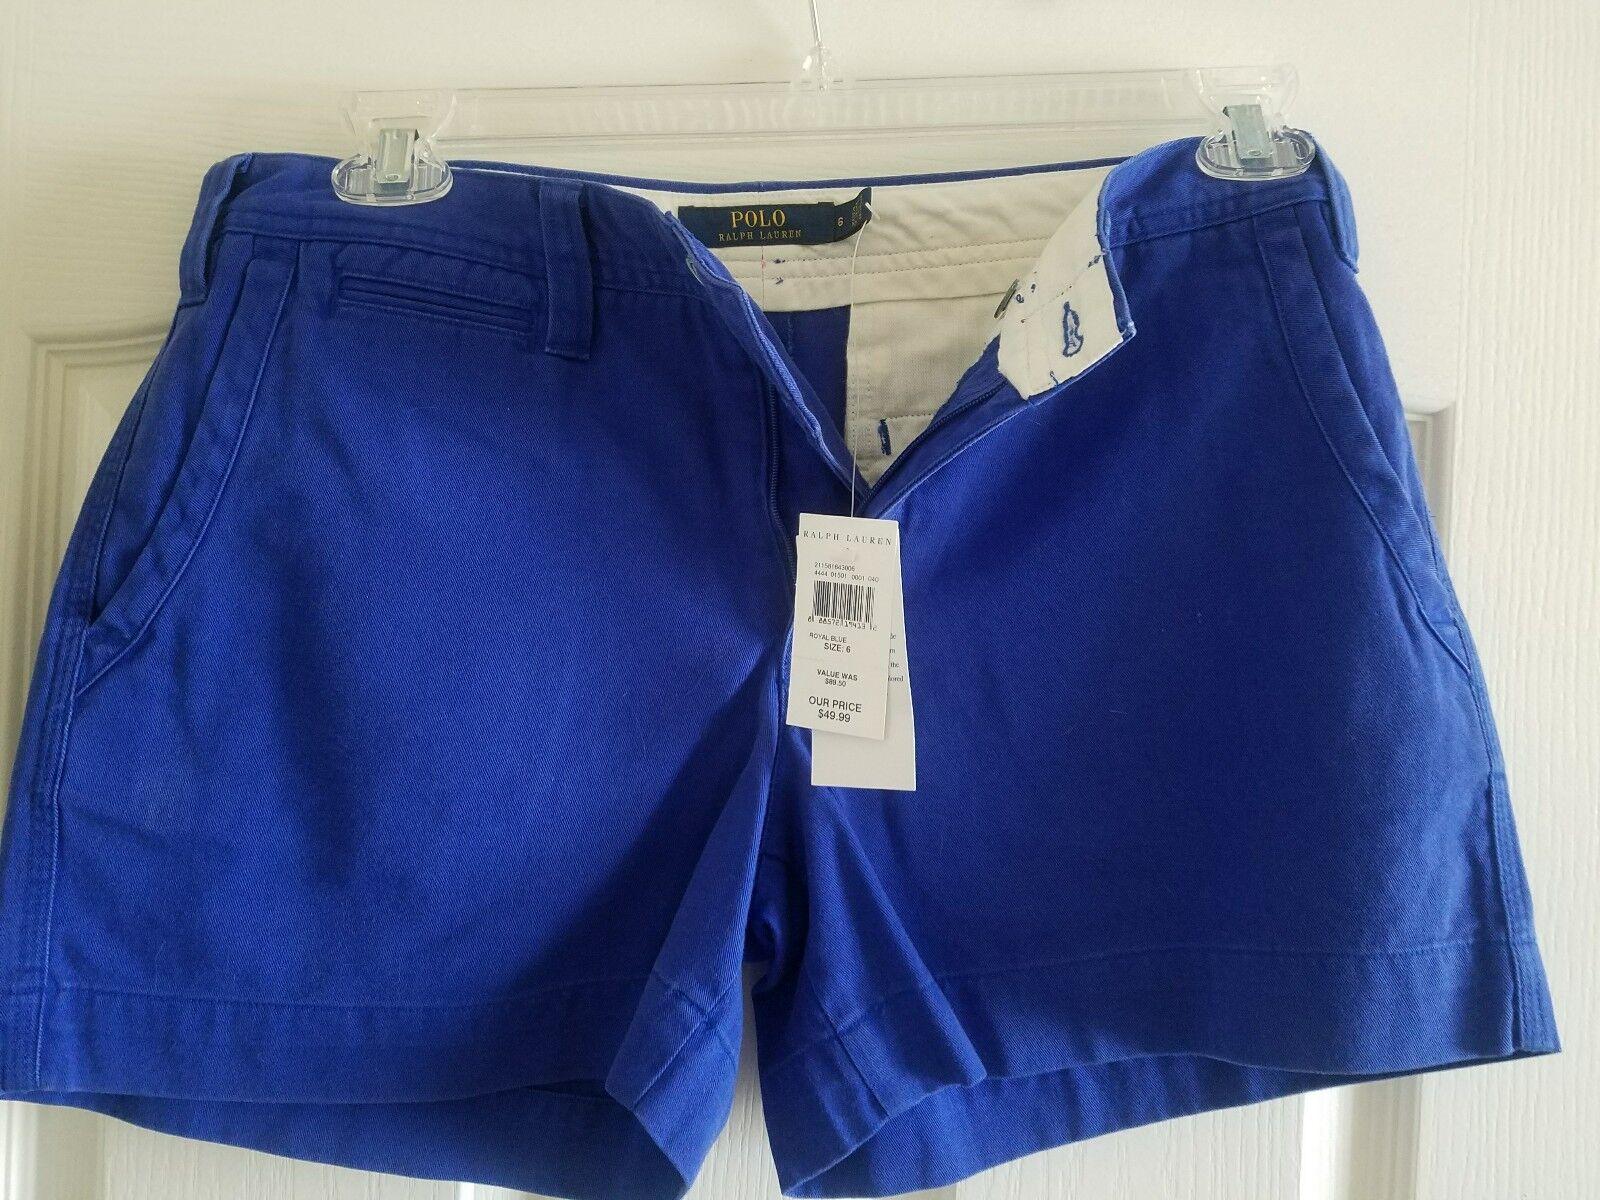 Ralph Lauren bluee label womens shorts size 6